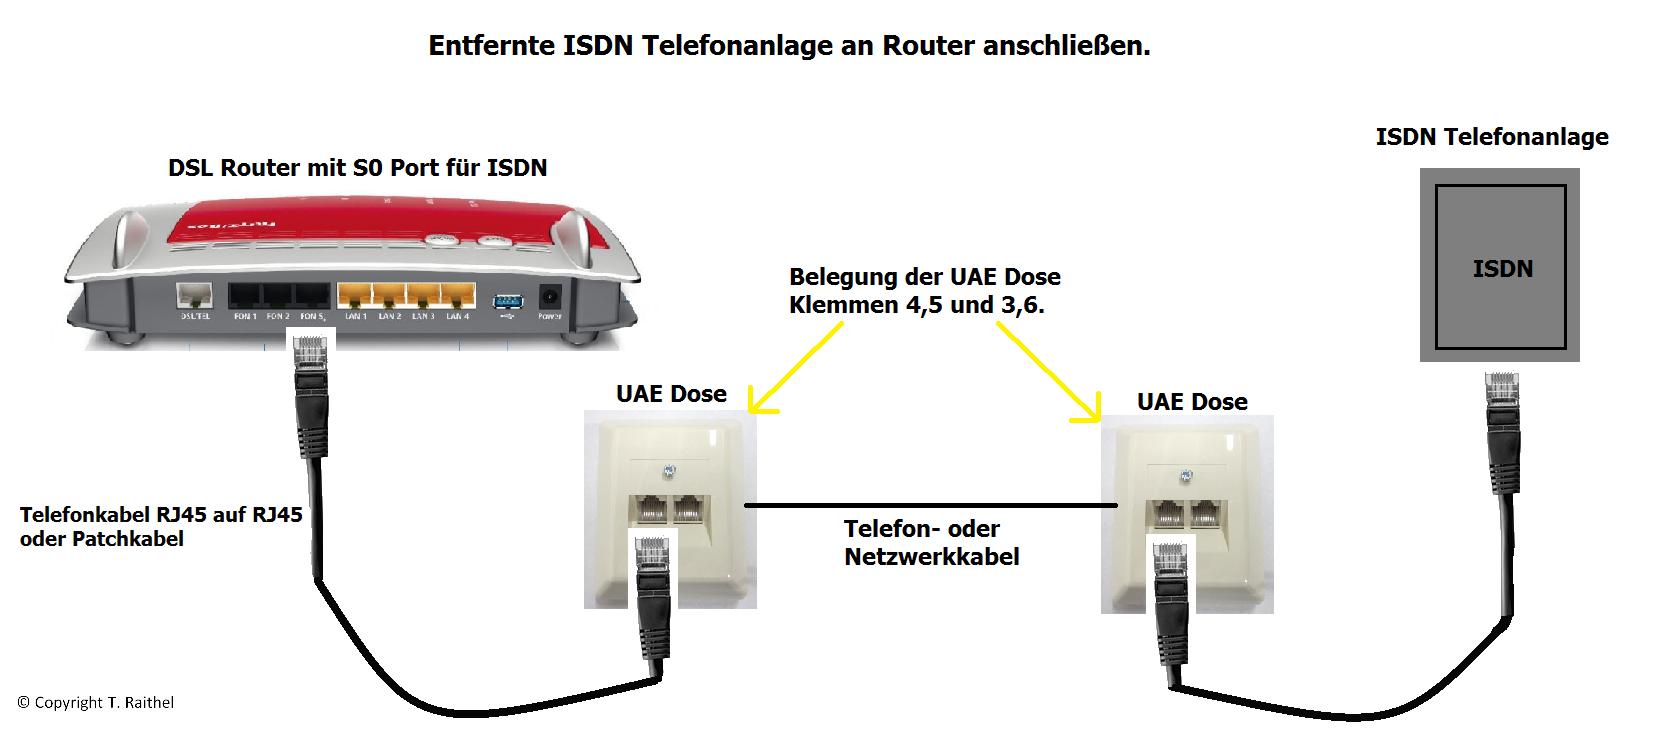 Telefonanlage an Router anschliessen